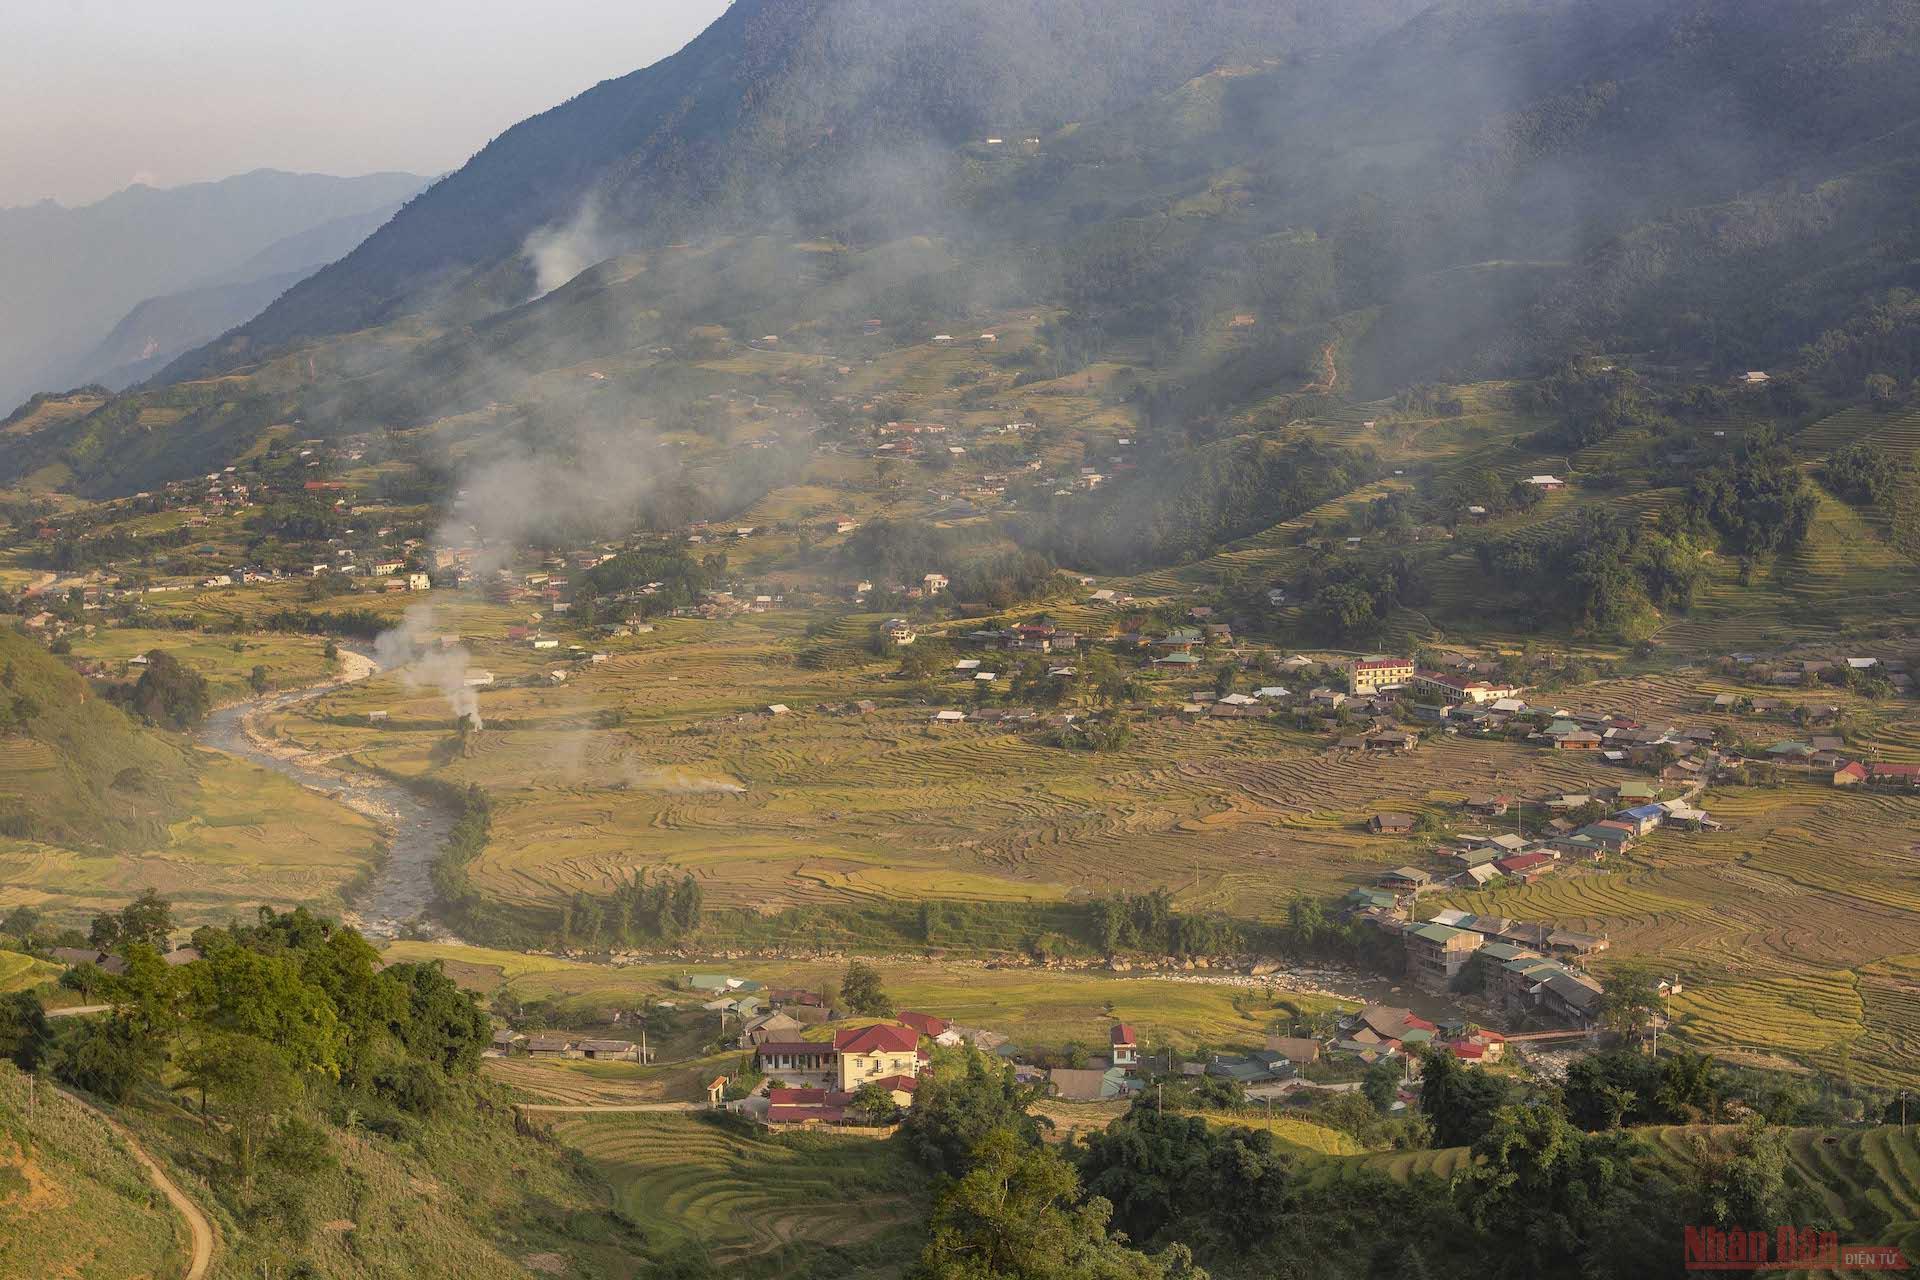 Thung lũng bản Lao Chải trong làn khói nhìn từ trên đường tỉnh lộ 152.